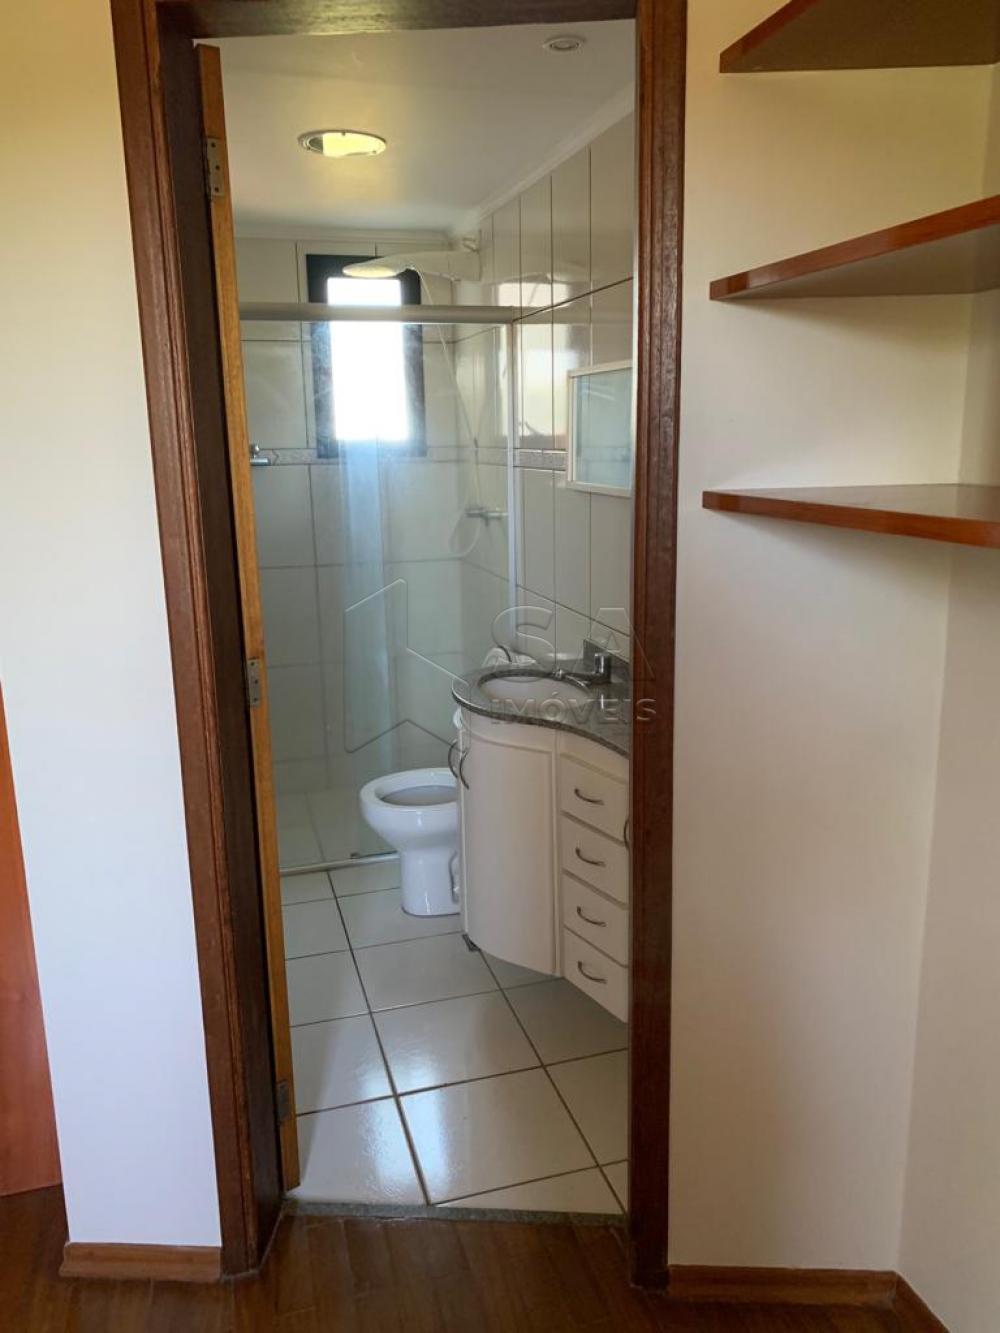 Comprar Apartamento / Padrão em São Carlos apenas R$ 300.000,00 - Foto 6